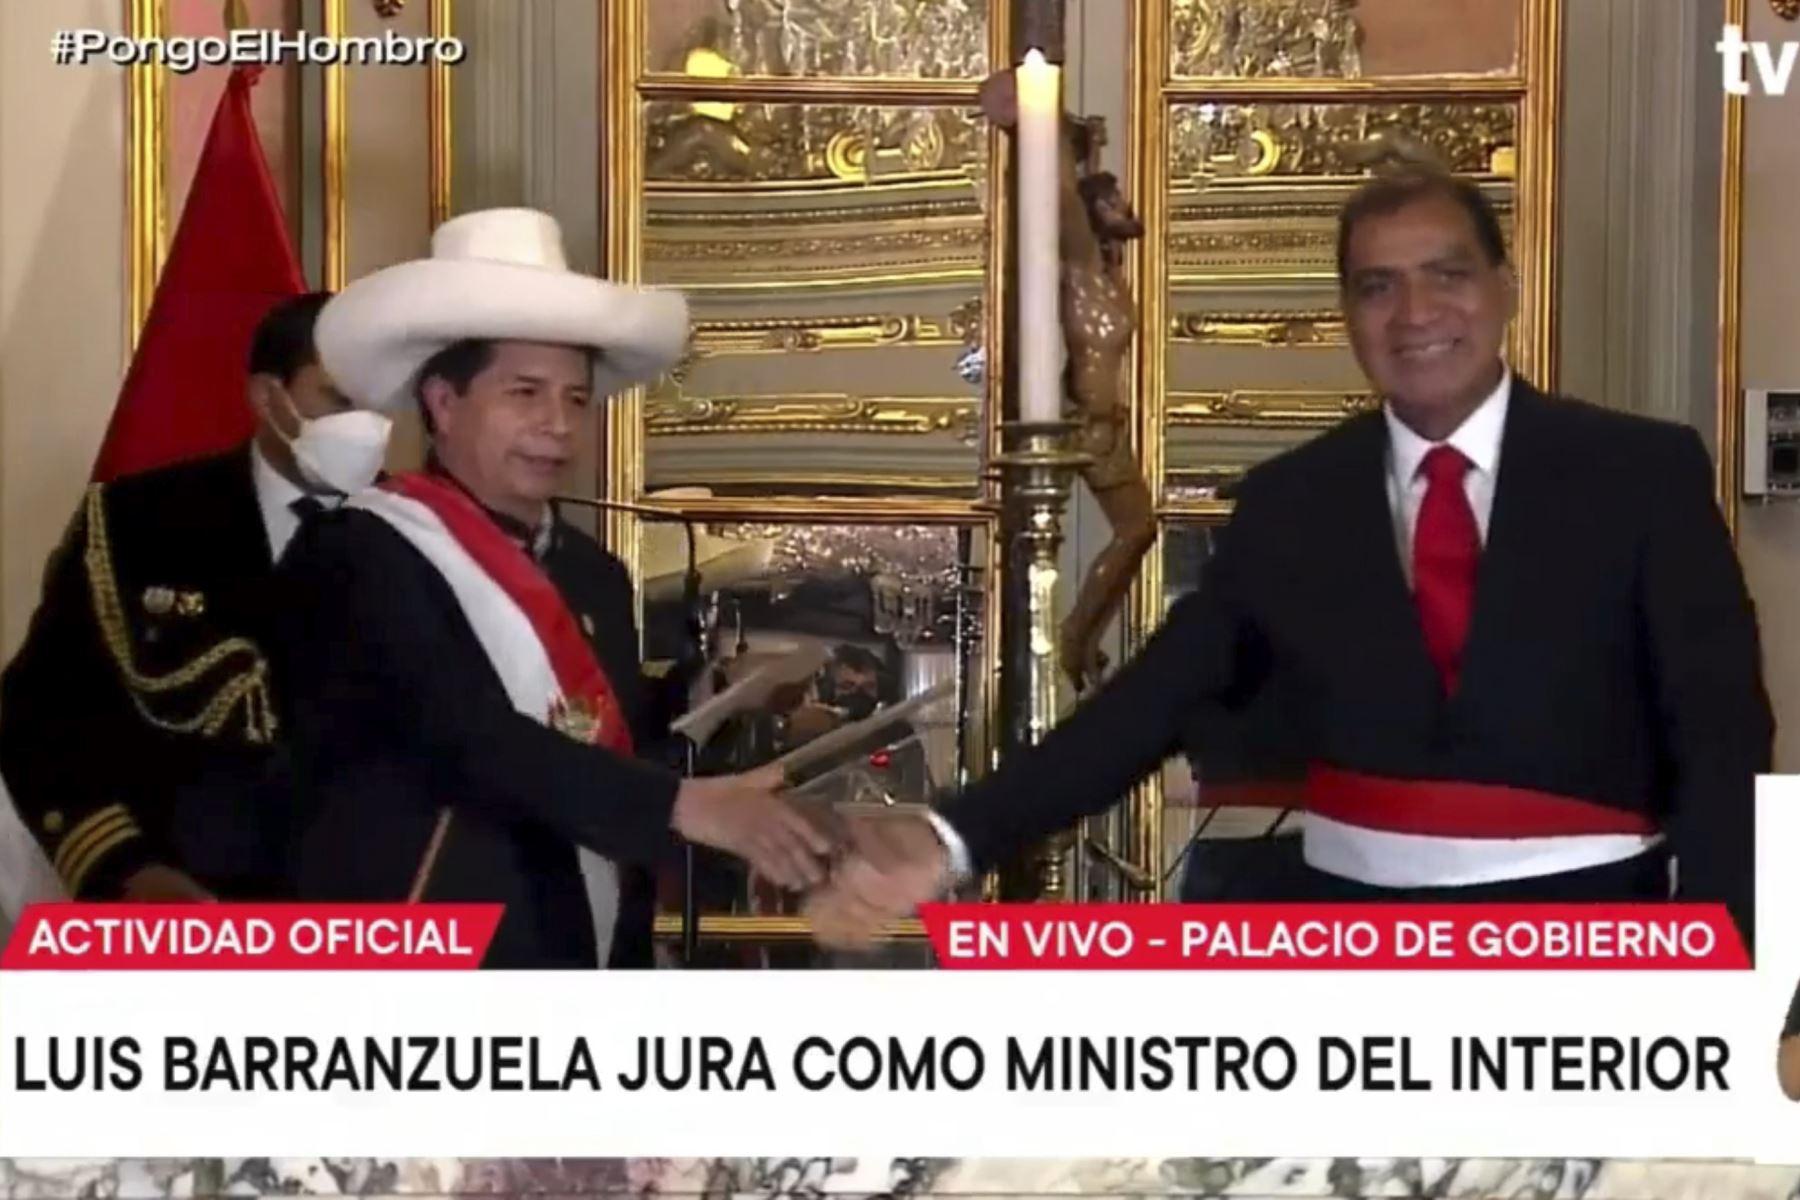 Luis Barranzuela jura como nuevo ministro del Interior